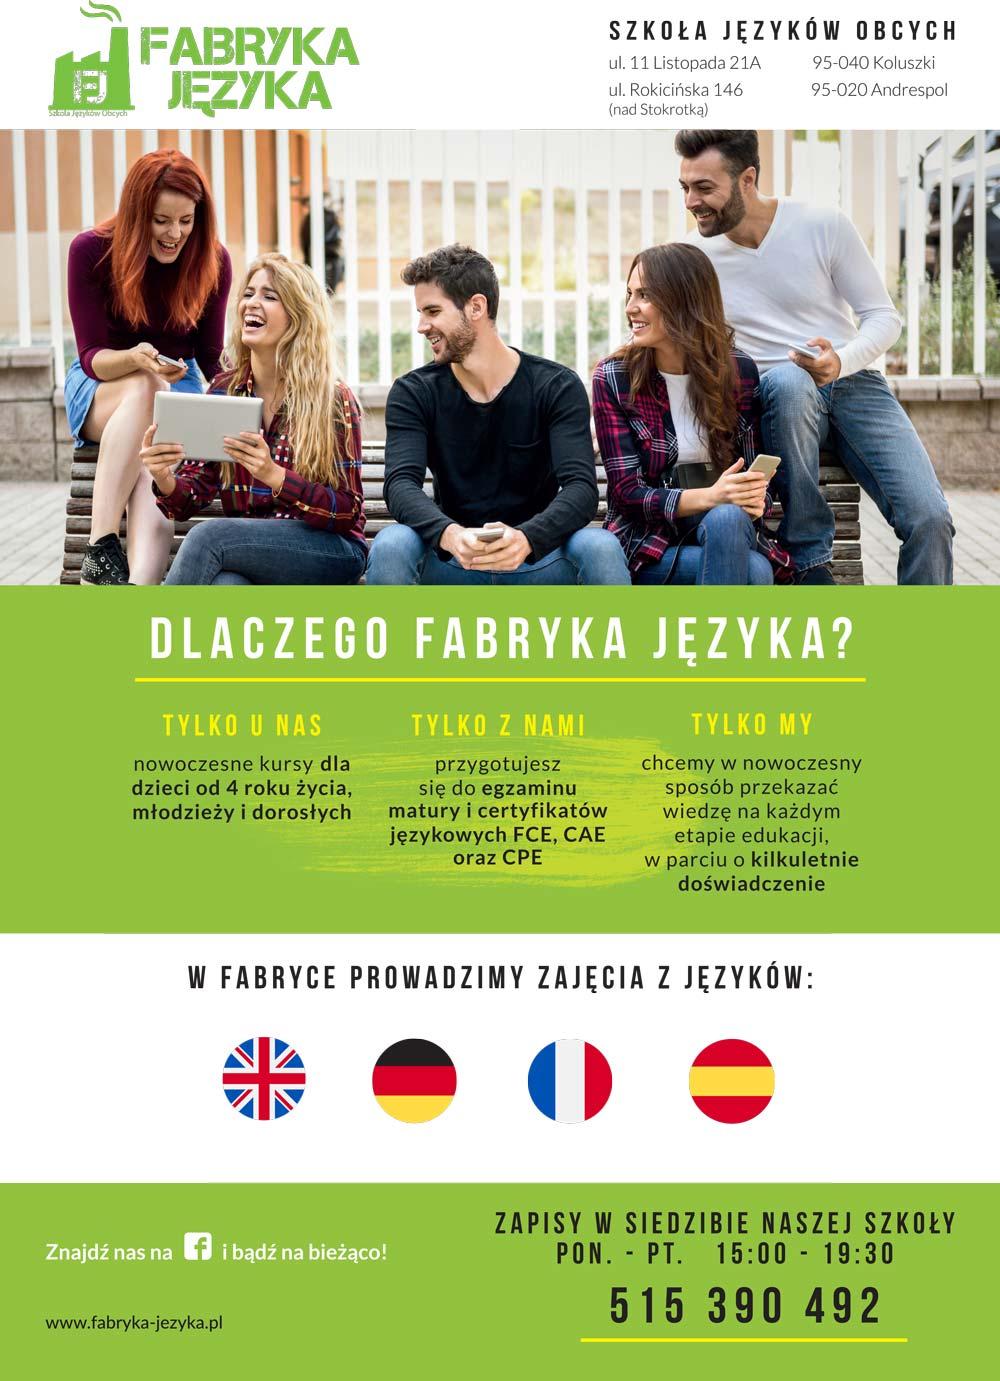 Szkoła Językowa Koluszki Andrespol